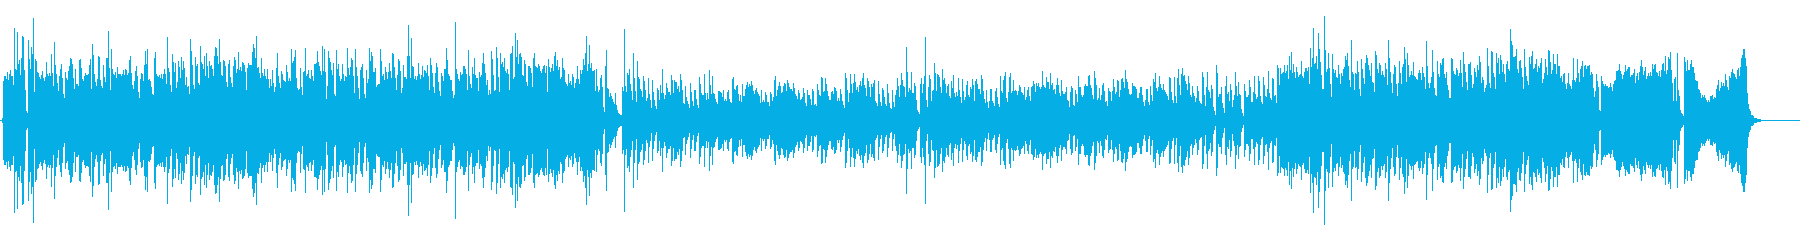 ピアノソロ入りビッグバンドの再生済みの波形